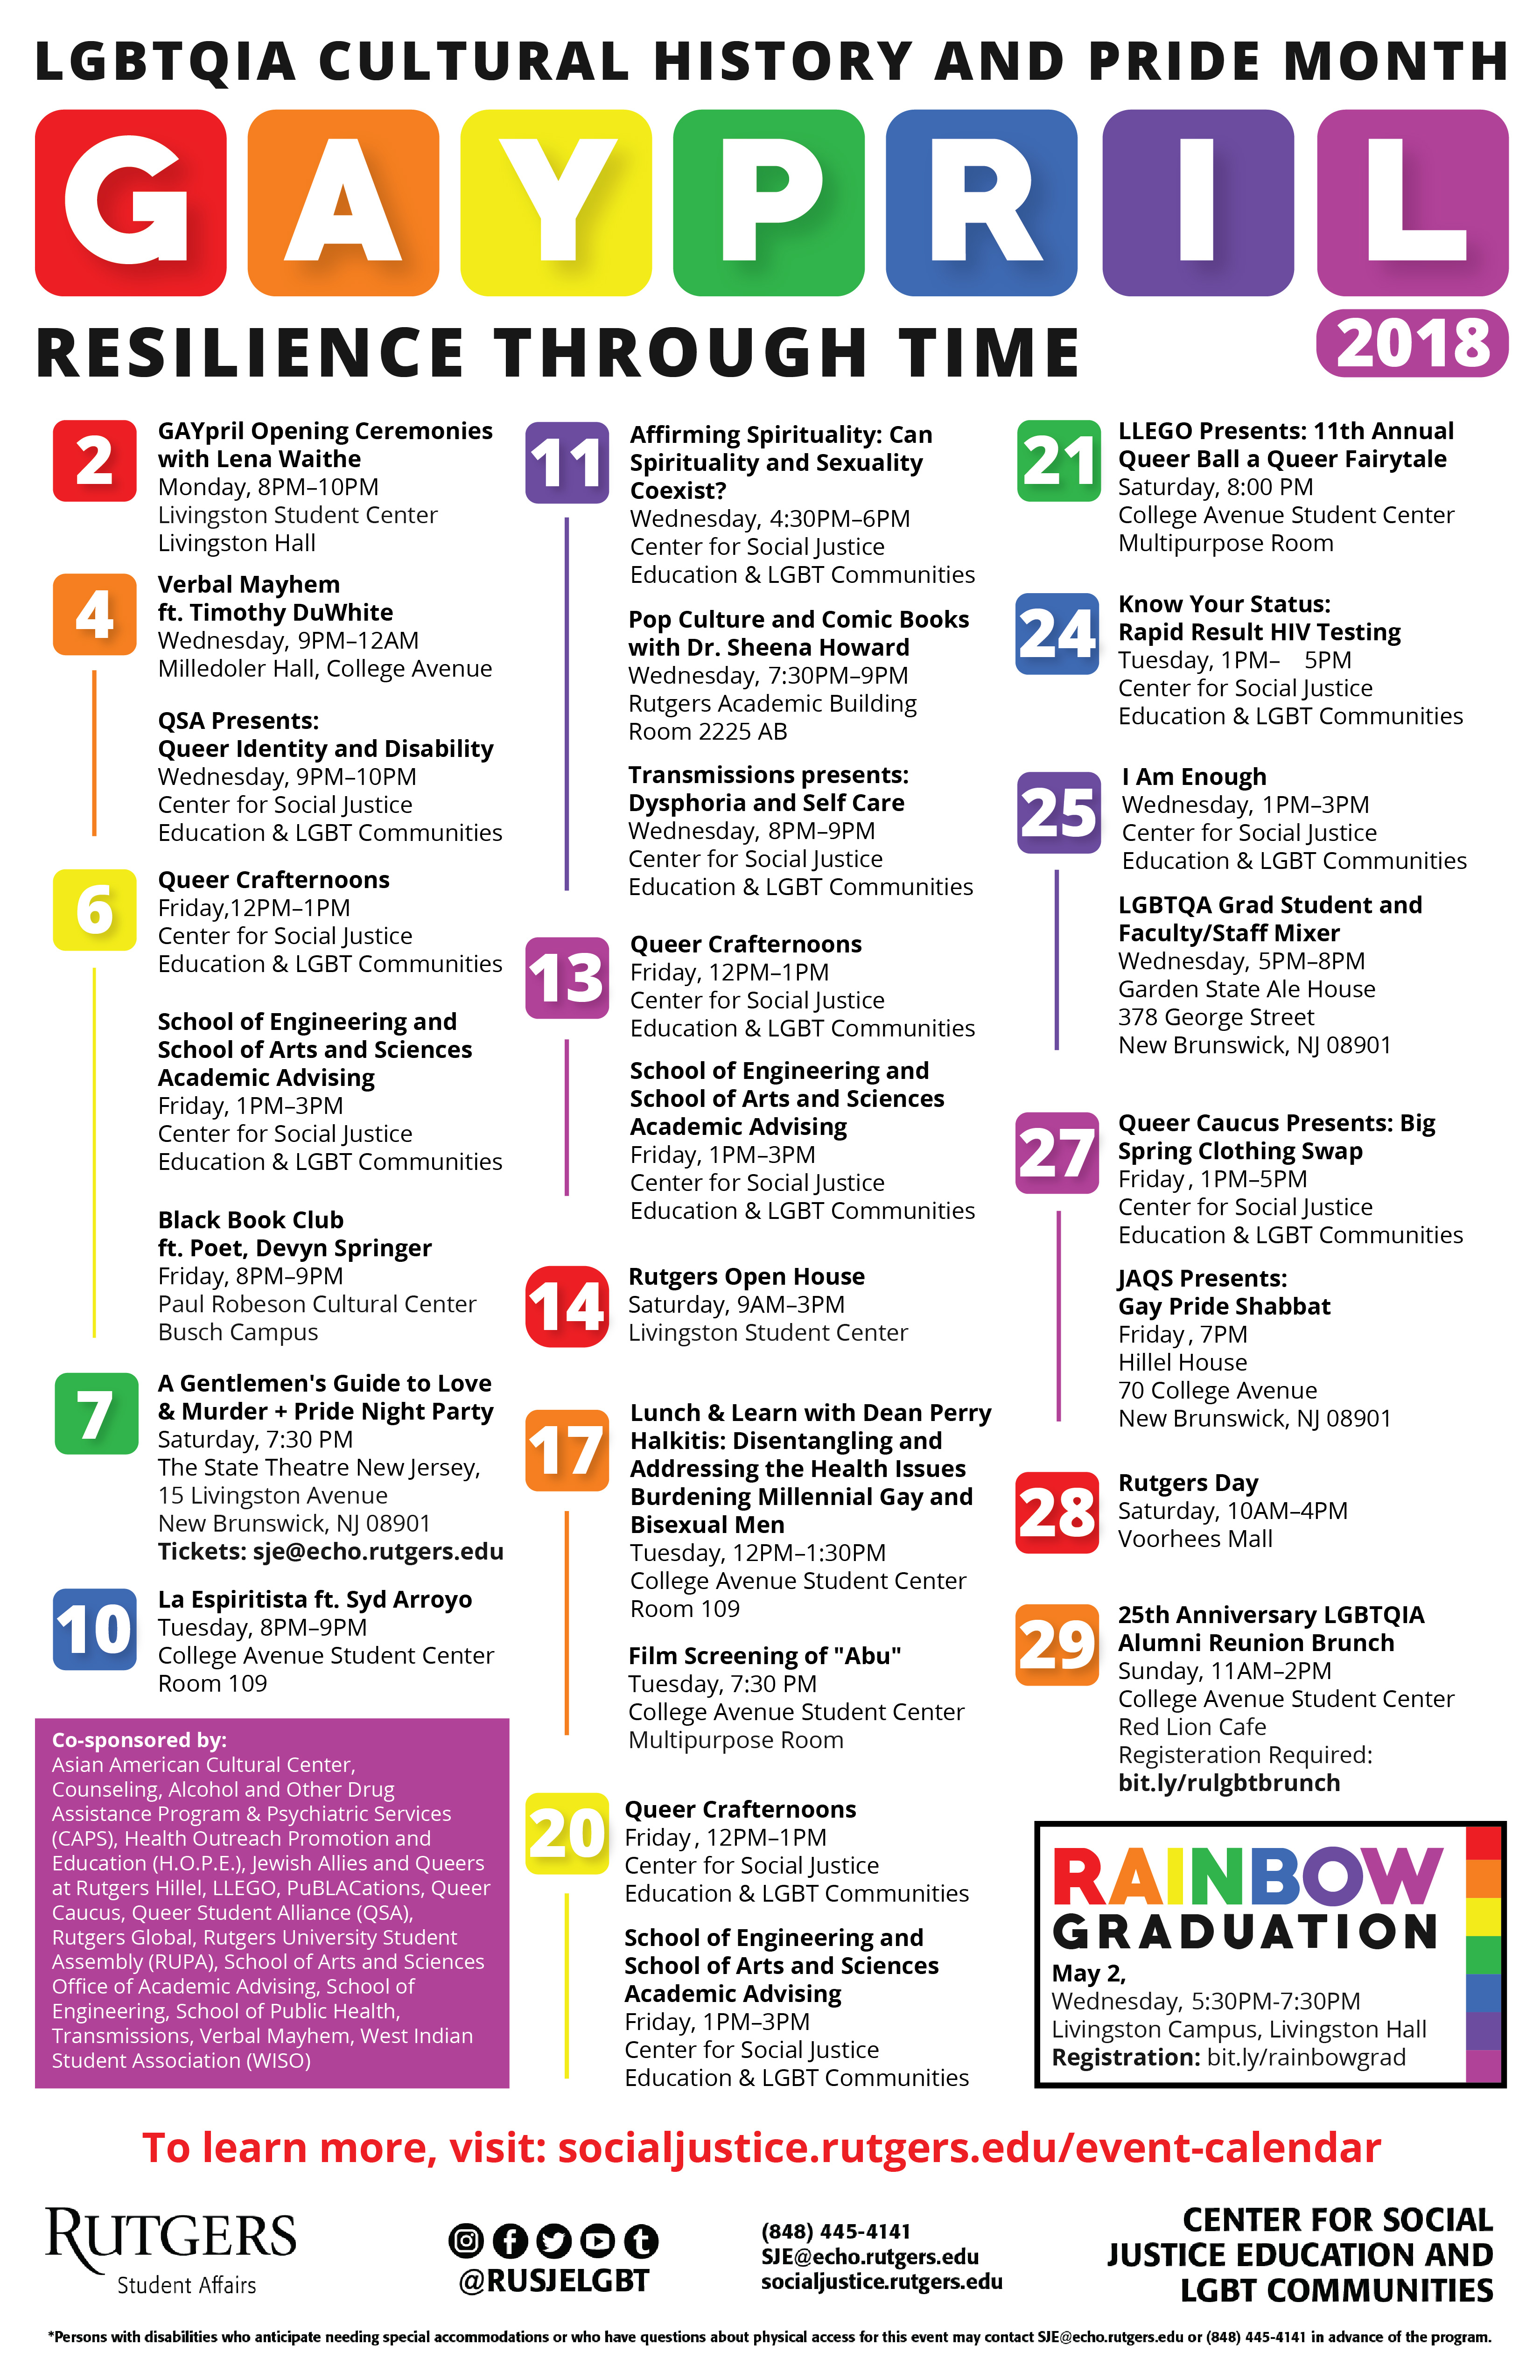 Calendar Festival : Event calendar the center for social justice education